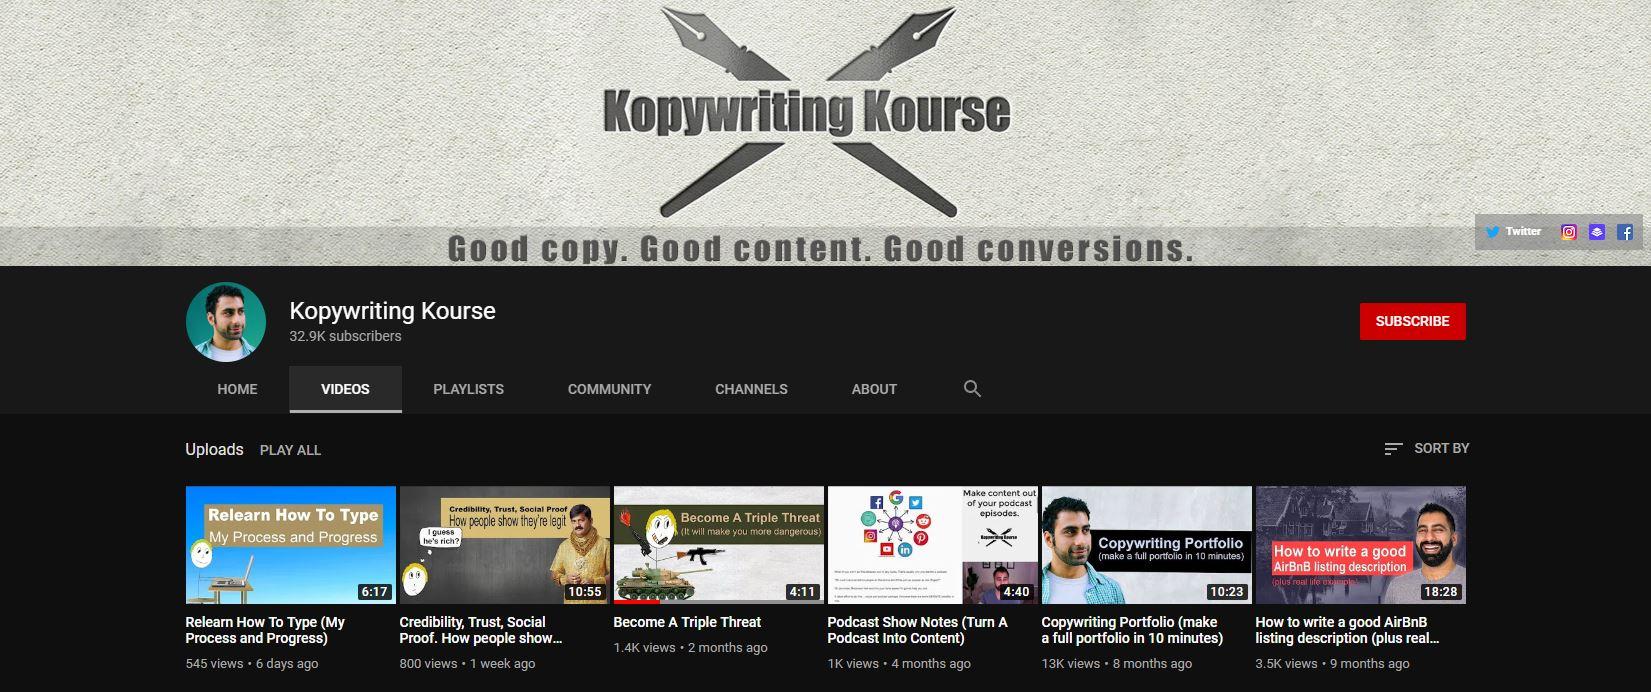 Kopywriting Kourse YouTube channel